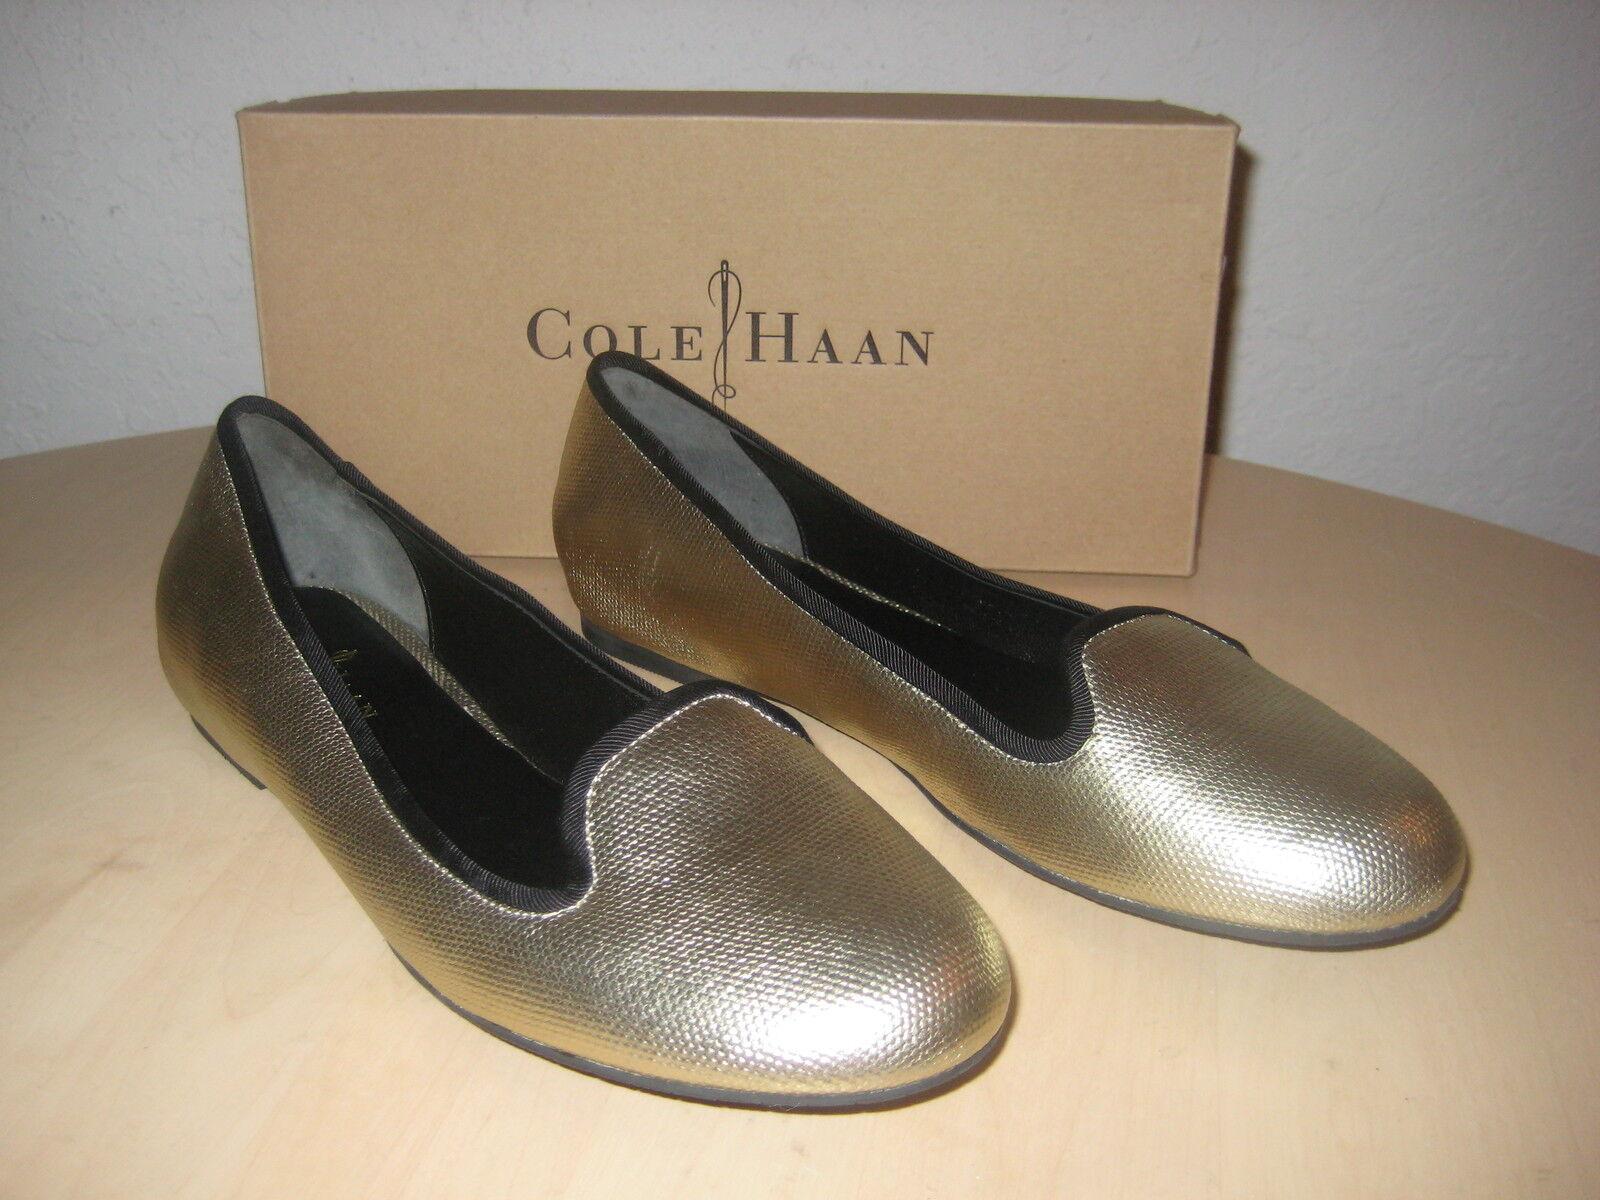 Cole Haan Schuhes Größe 8.5 M Damenschuhe NEU Air Morgan WEISS Gold Metallic Flats NWB